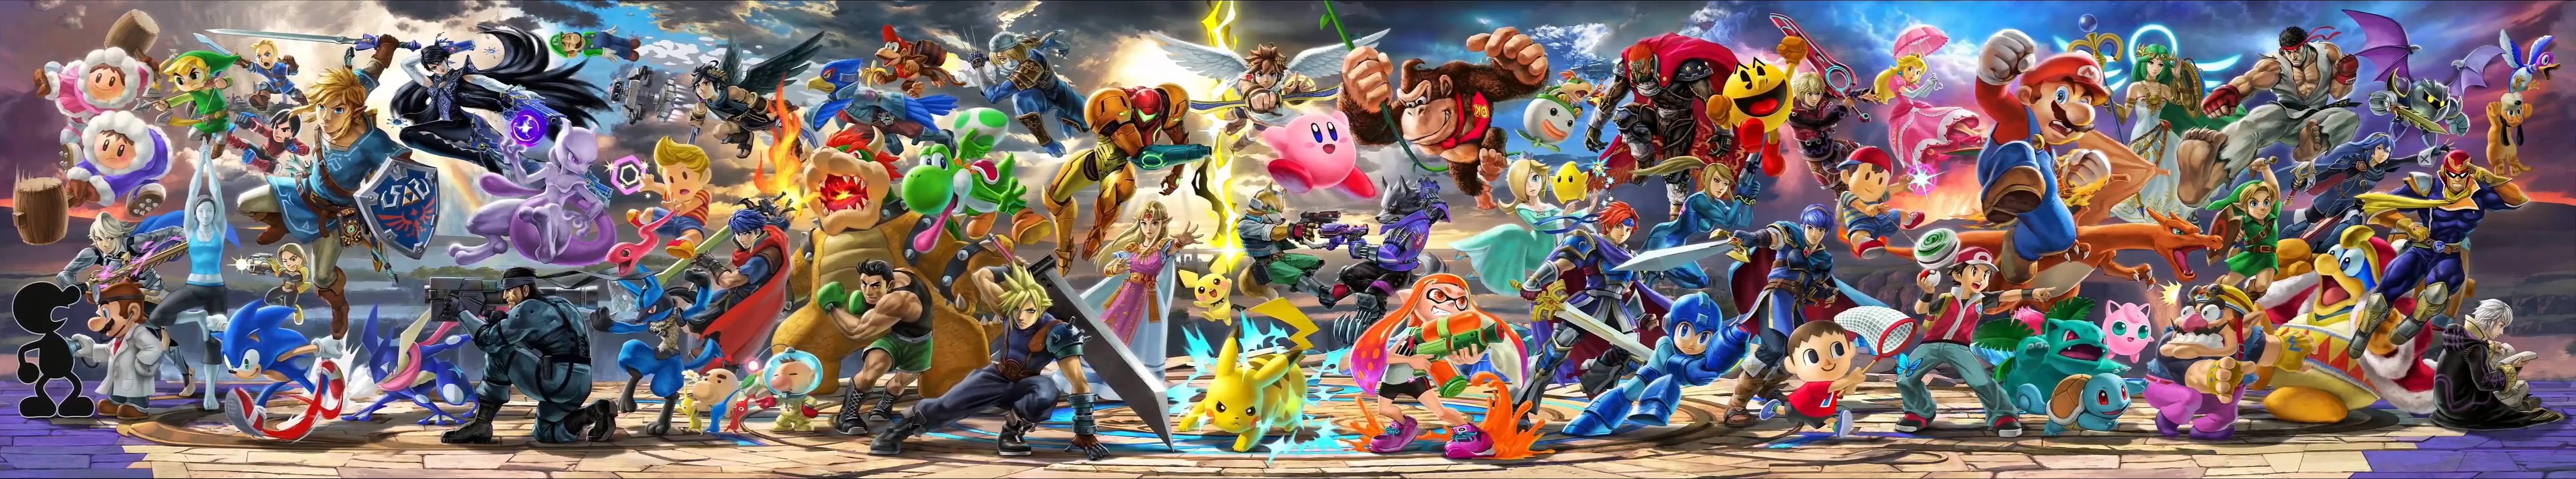 22 Super Smash Bros Ultimate Hd Wallpapers On Wallpapersafari